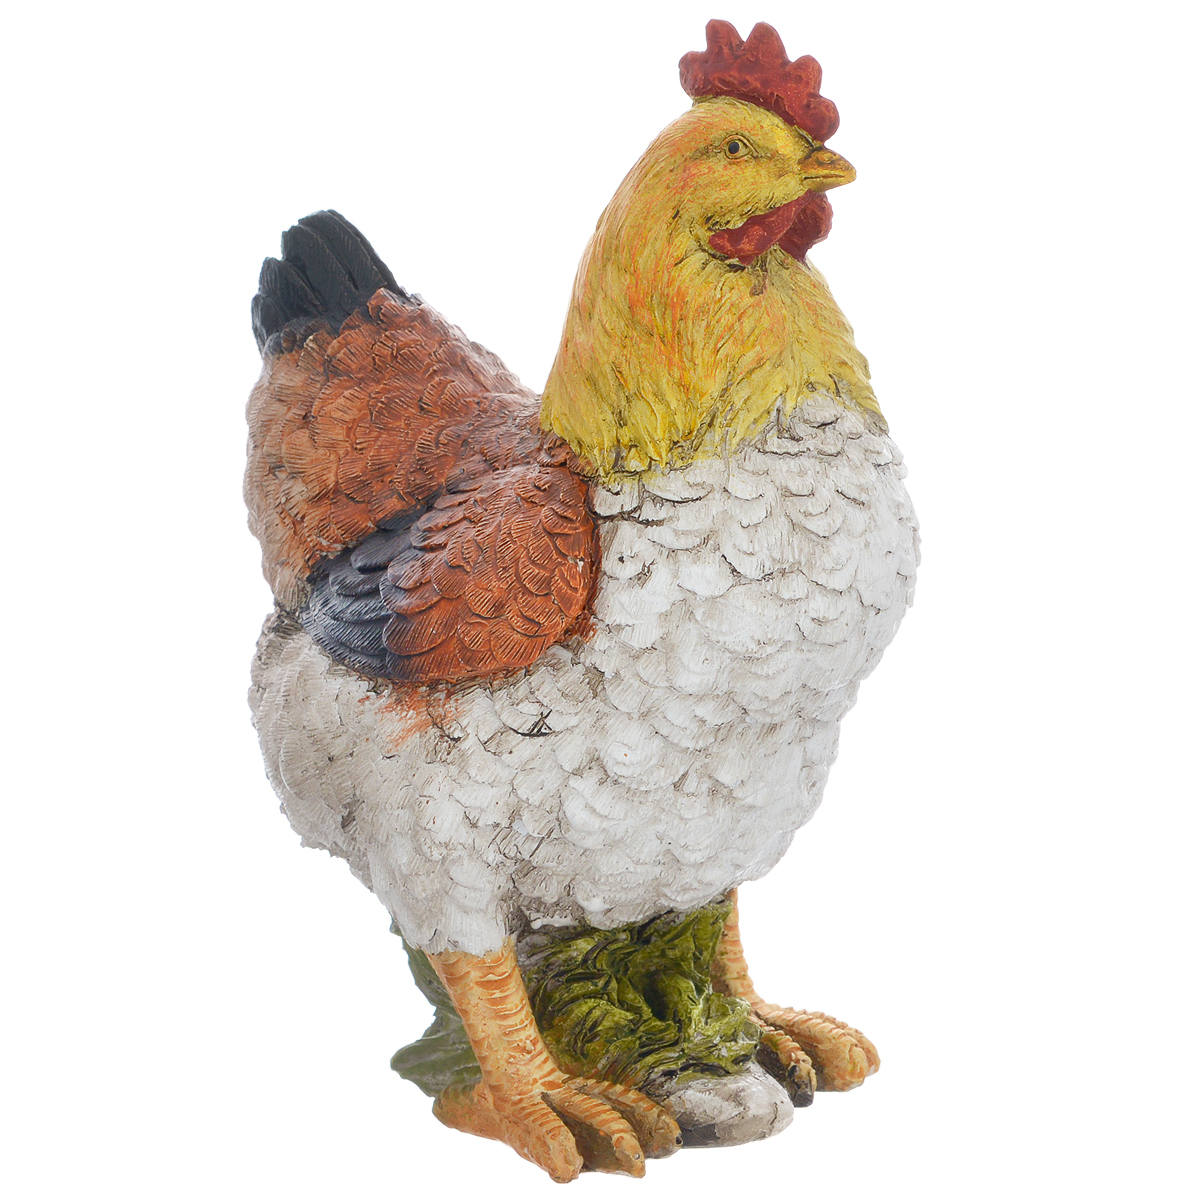 Фигурка декоративная Molento Курочка, высота 18 см695295Декоративная фигурка Molento Курочка, изготовленная из полистоуна, выполнена в виде курицы. Такая фигурка станет отличным дополнением к интерьеру.Вы можете поставить фигурку в любом месте, где она будет удачно смотреться, и радовать глаз. Кроме того, фигурка Курочка станет чудесным сувениром для ваших друзей и близких. Размер фигурки: 12 см х 8 см х 18 см.